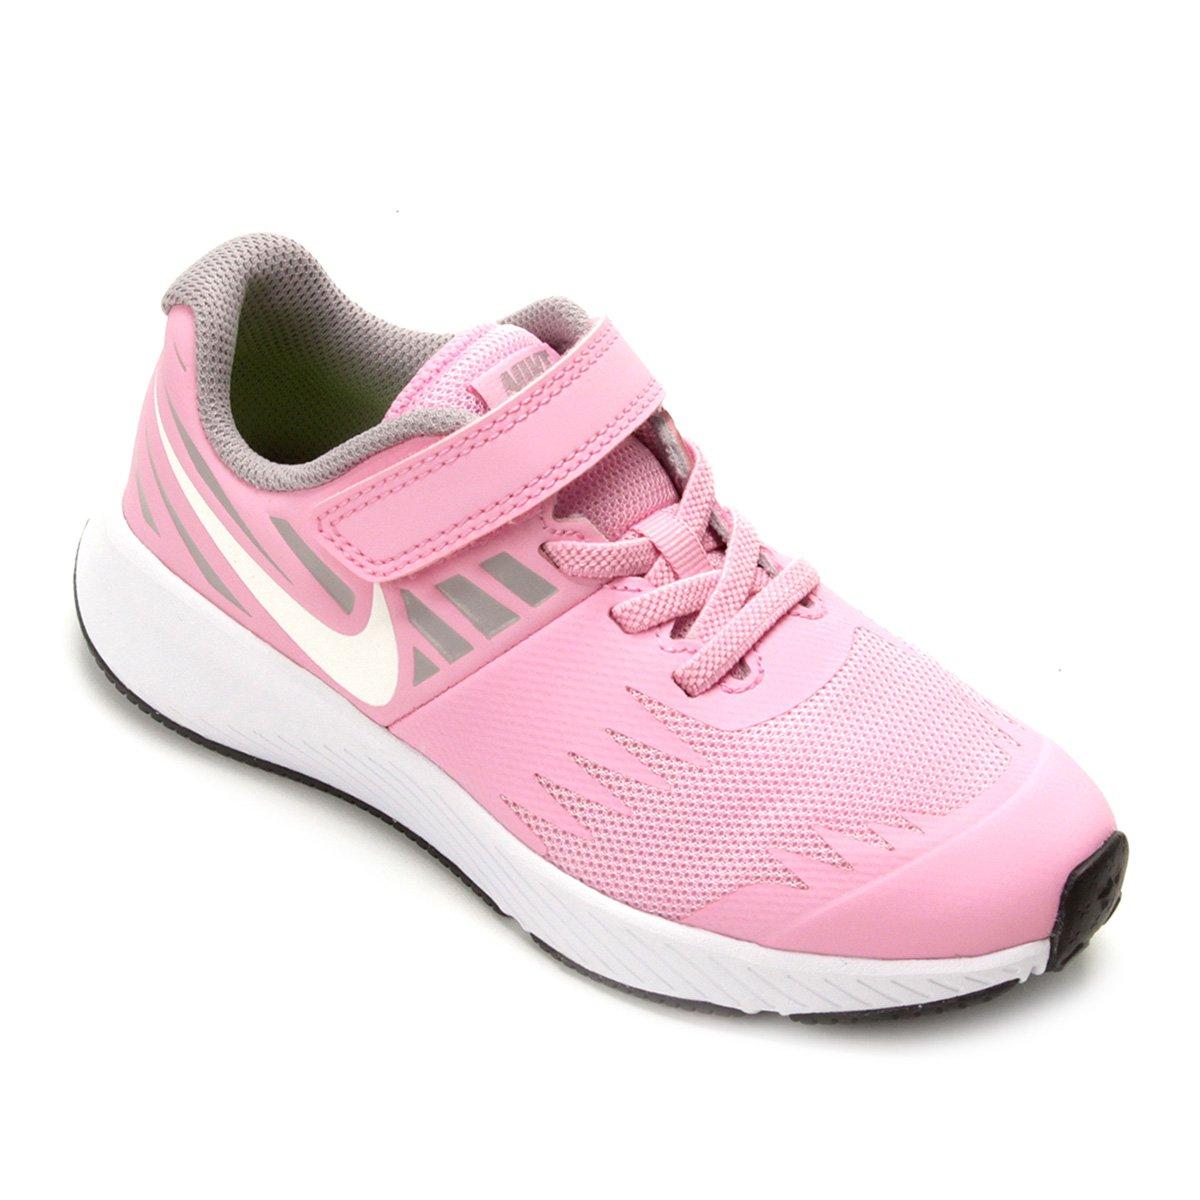 Tênis Infantil Nike Star Runner Feminino Rosa E Cinza